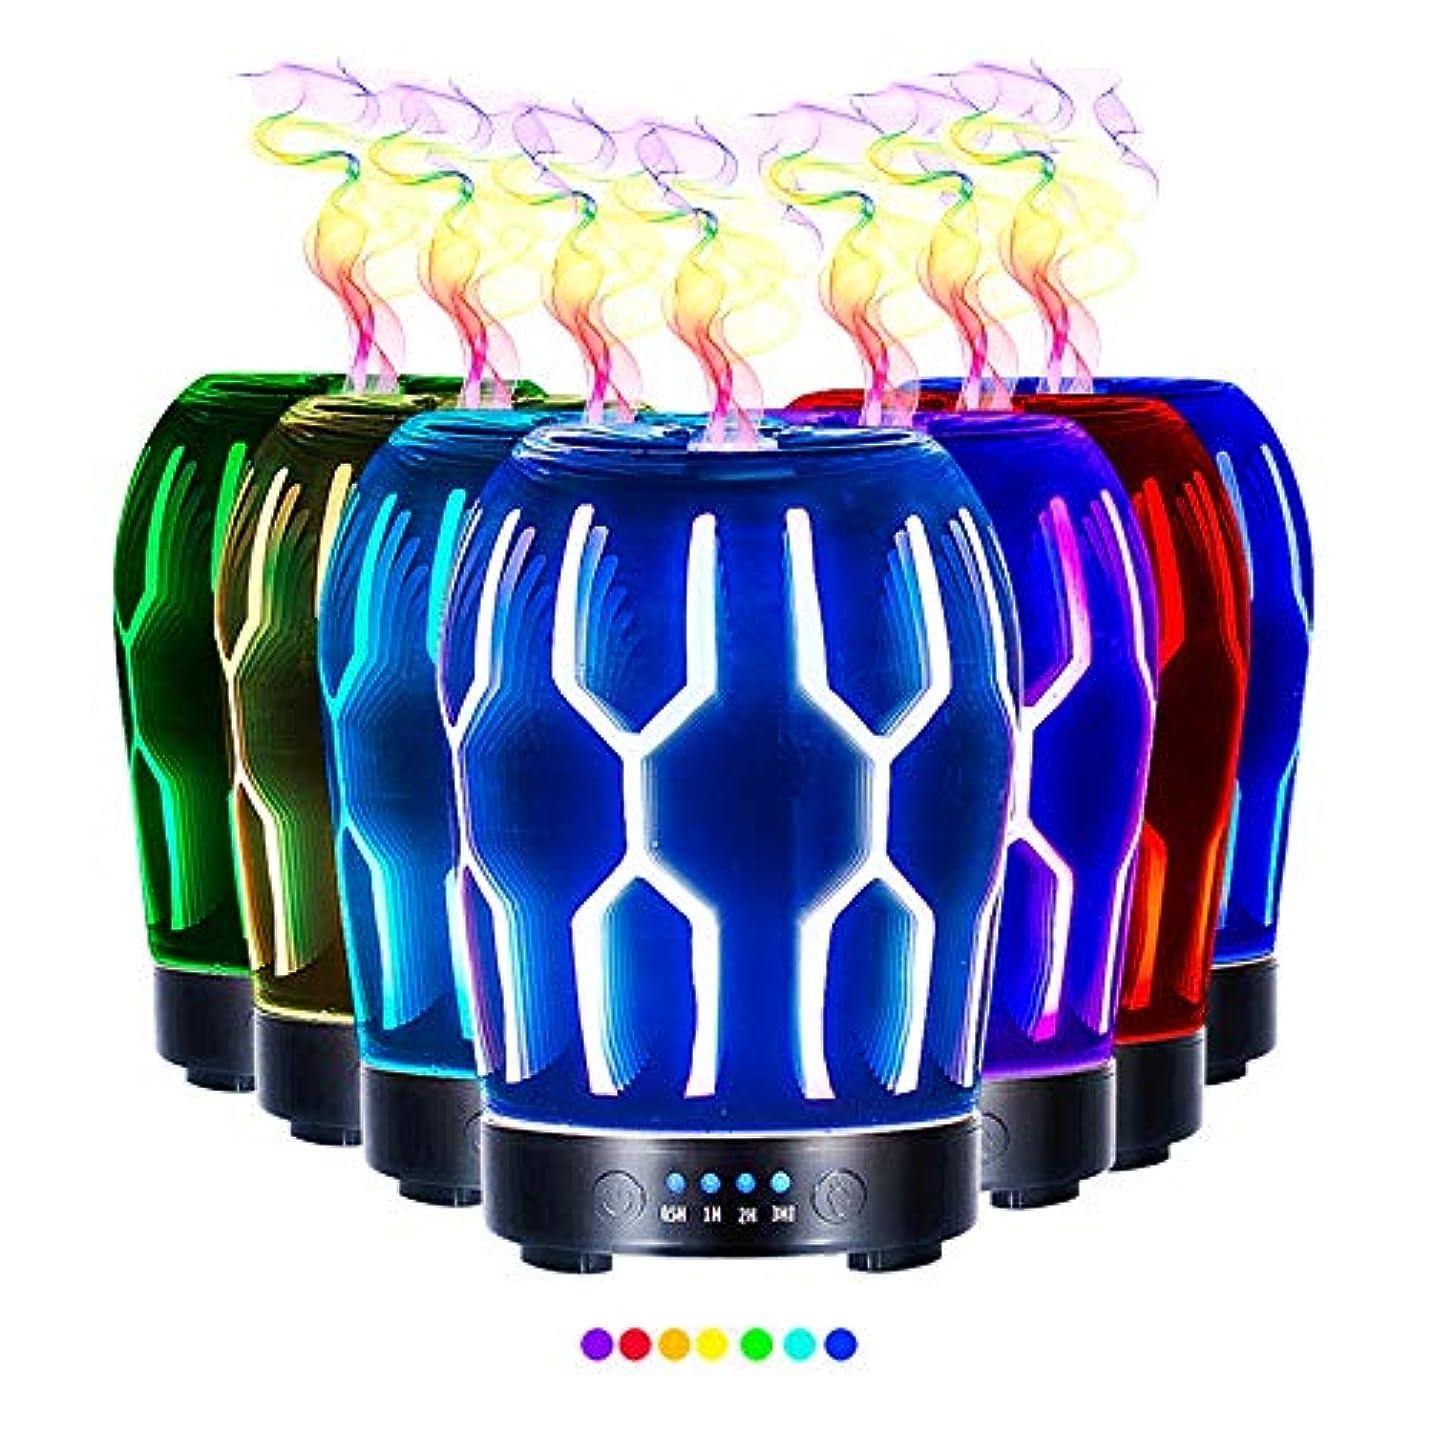 二指標酸素エッセンシャルオイル用ディフューザー (100ml)-クリエイティブガラスハッカーマトリックスアロマ加湿器7色の変更 LED ライト & 4 タイマー設定、水なしの自動シャットオフ